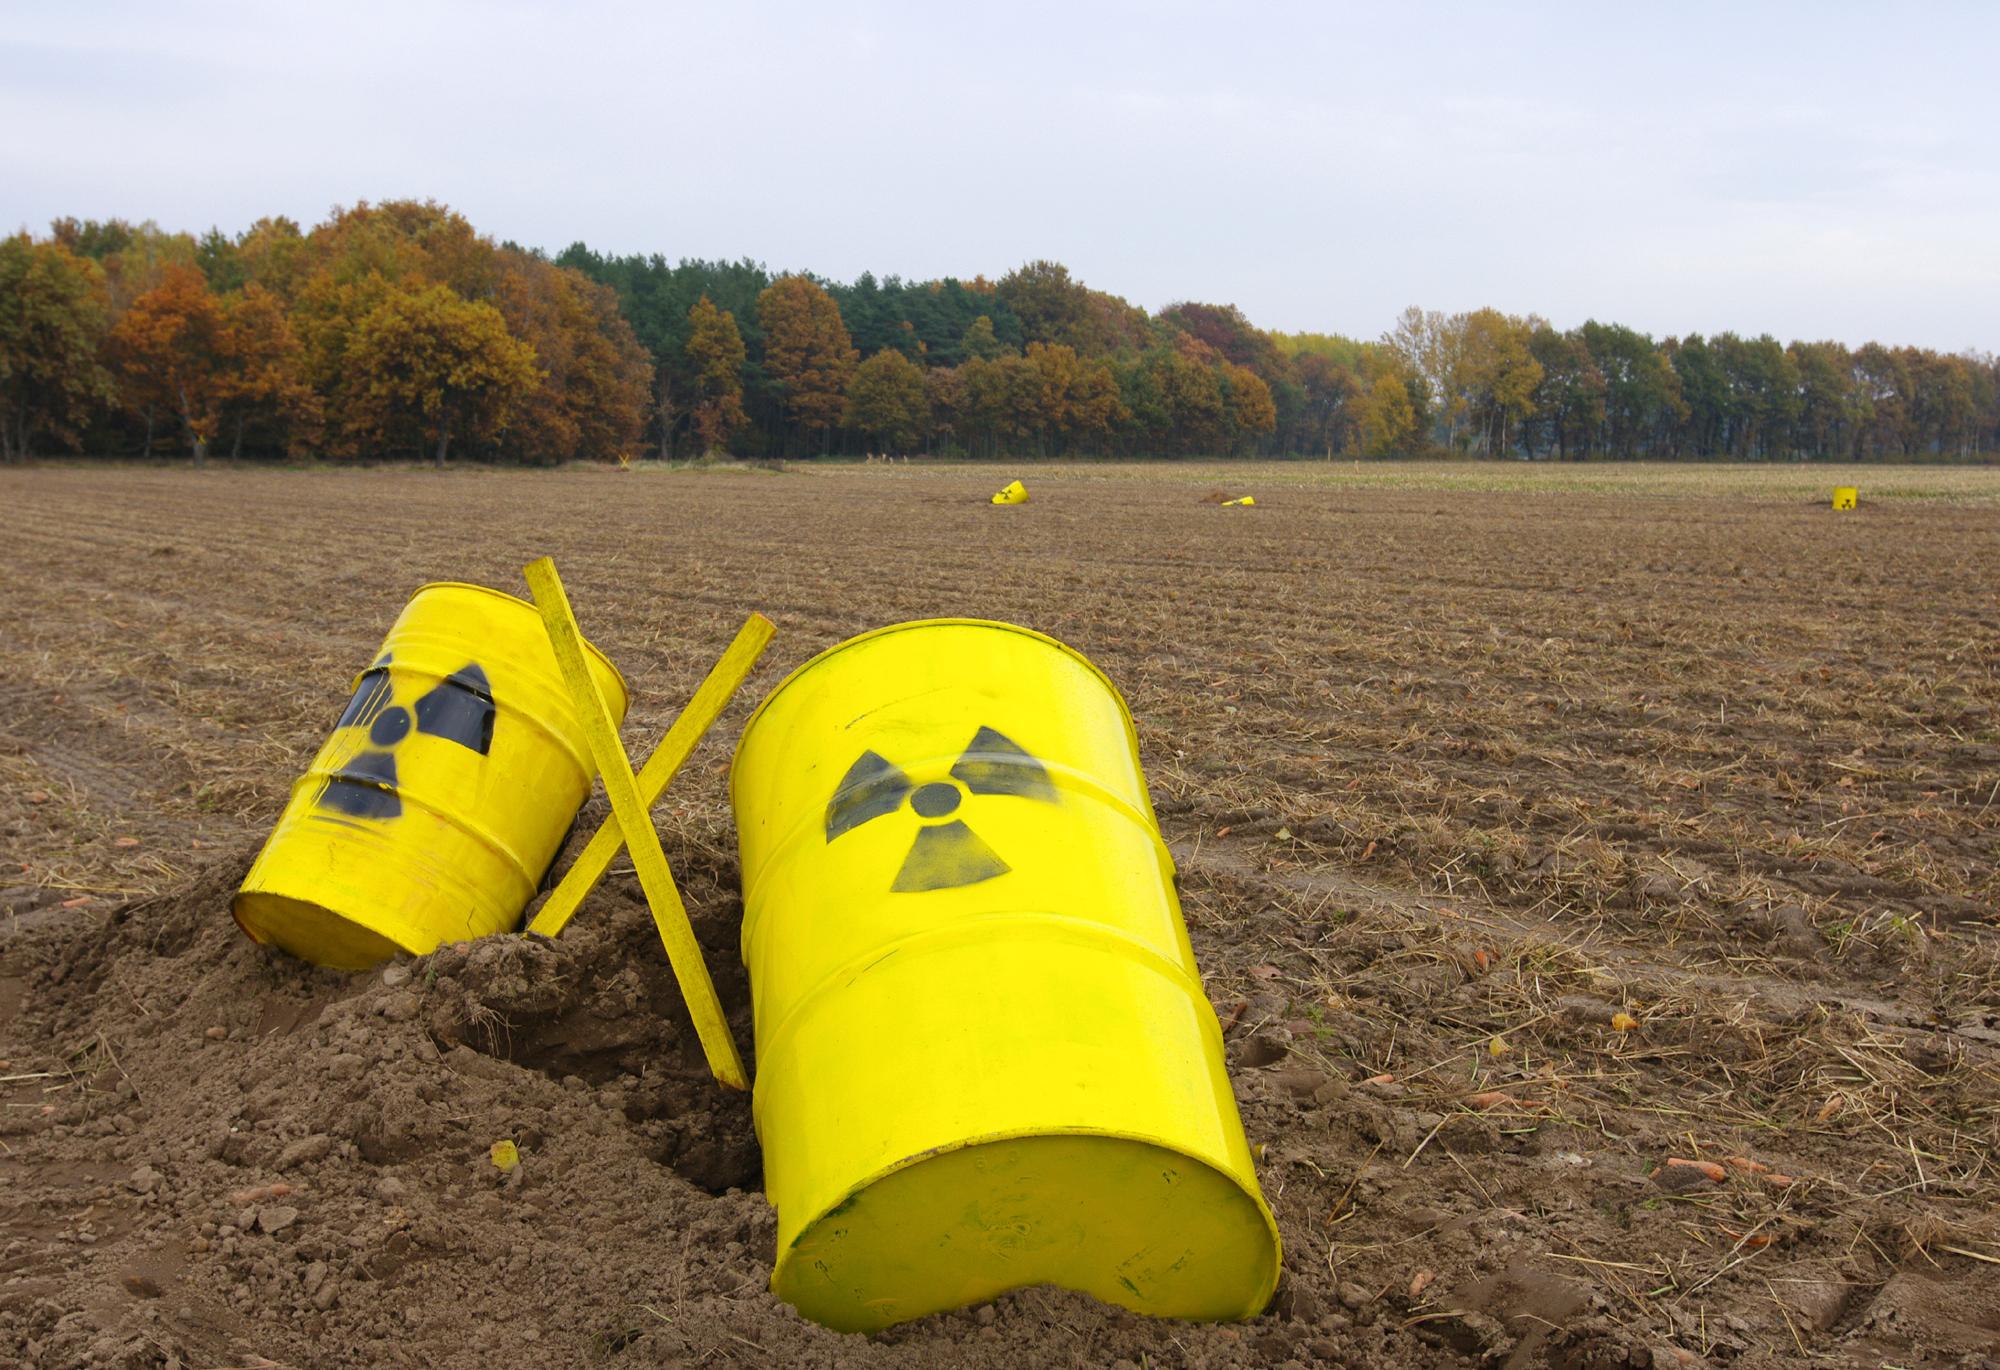 Wer bezahlt den Atomausstieg? Die gigantischen Kosten des billigen Atomstroms